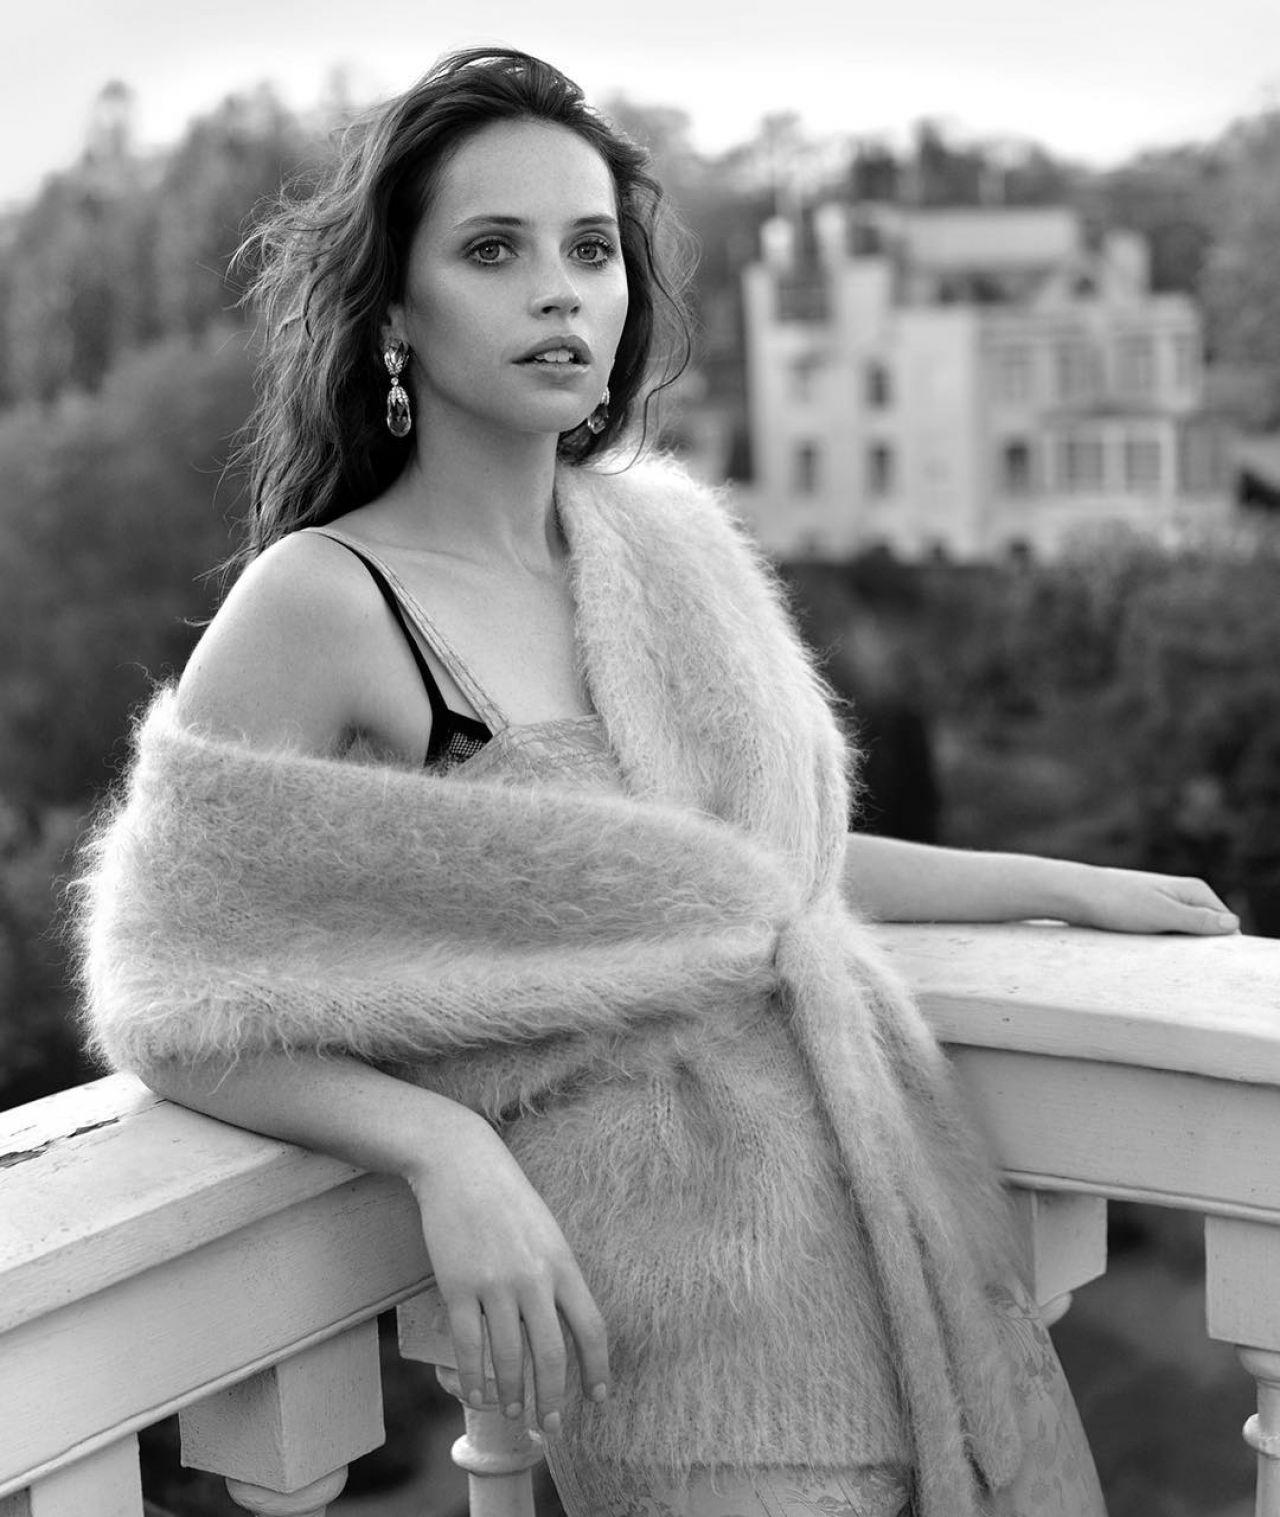 https://celebmafia.com/wp-content/uploads/2018/11/felicity-jones-photoshoot-for-dujour-magazine-november-2018-4.jpg